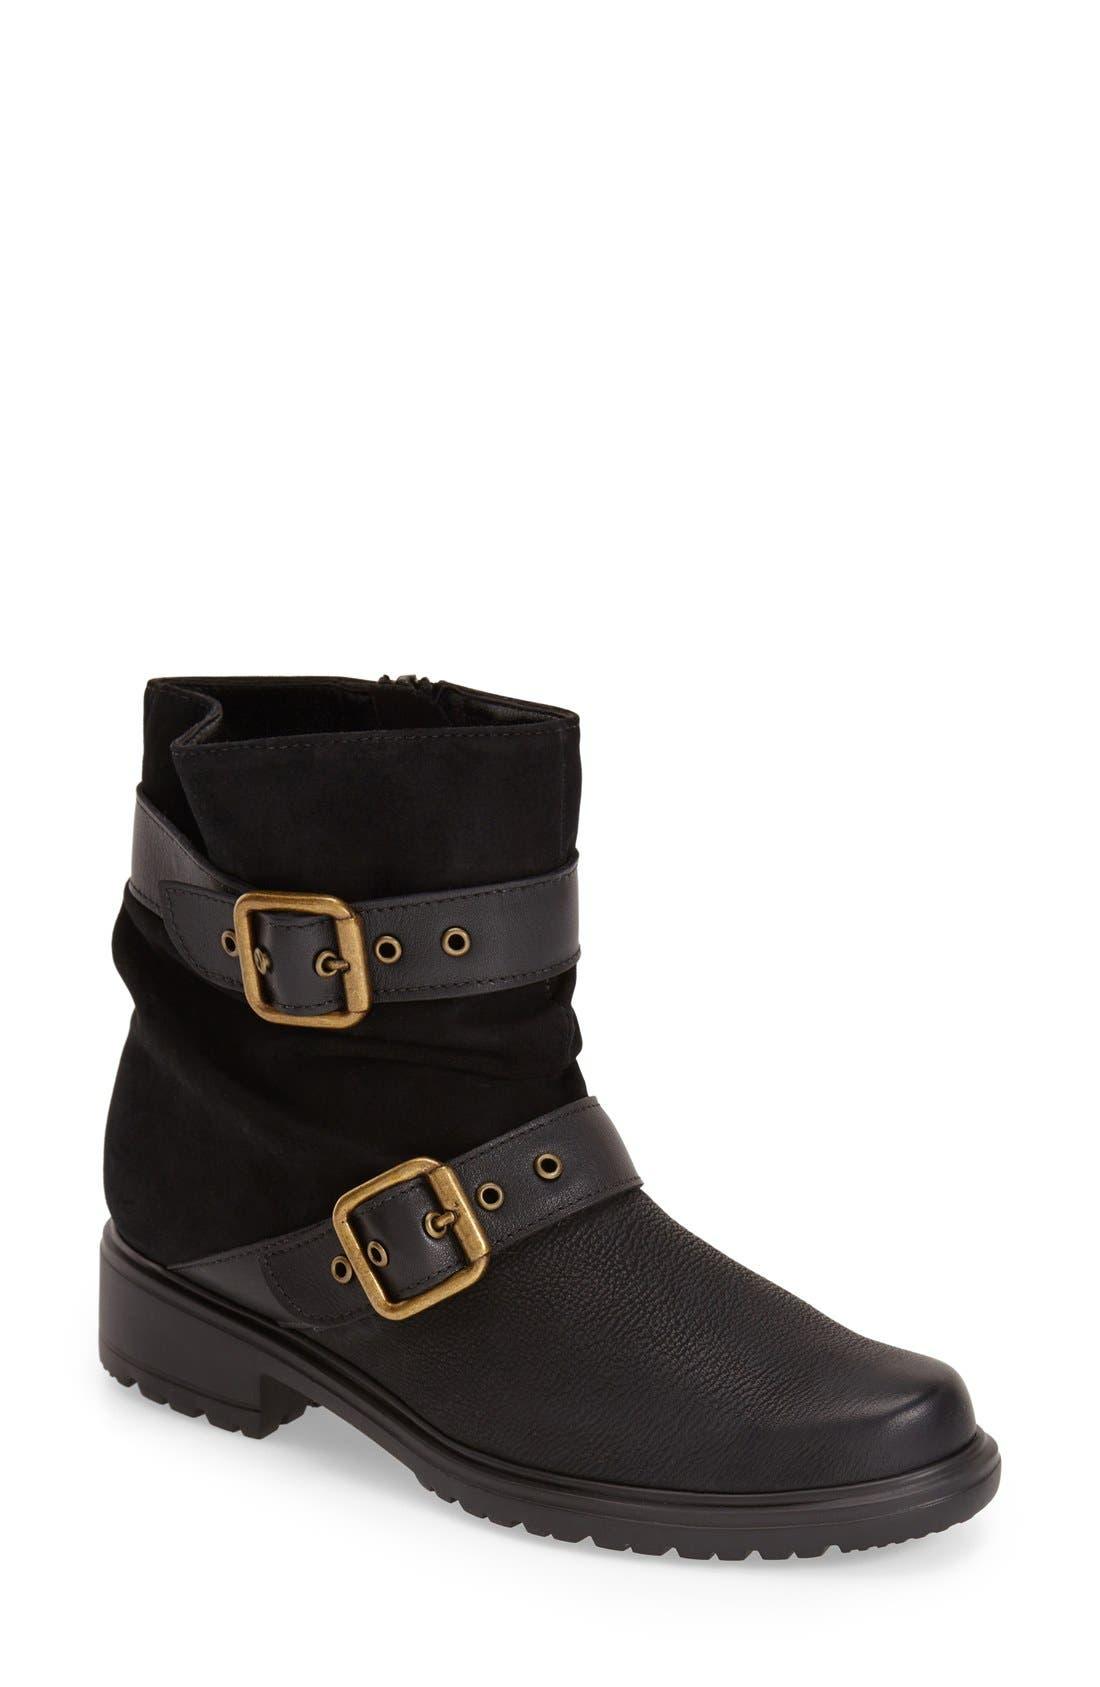 MUNRO Dallas Boot, Main, color, BLACK LEATHER